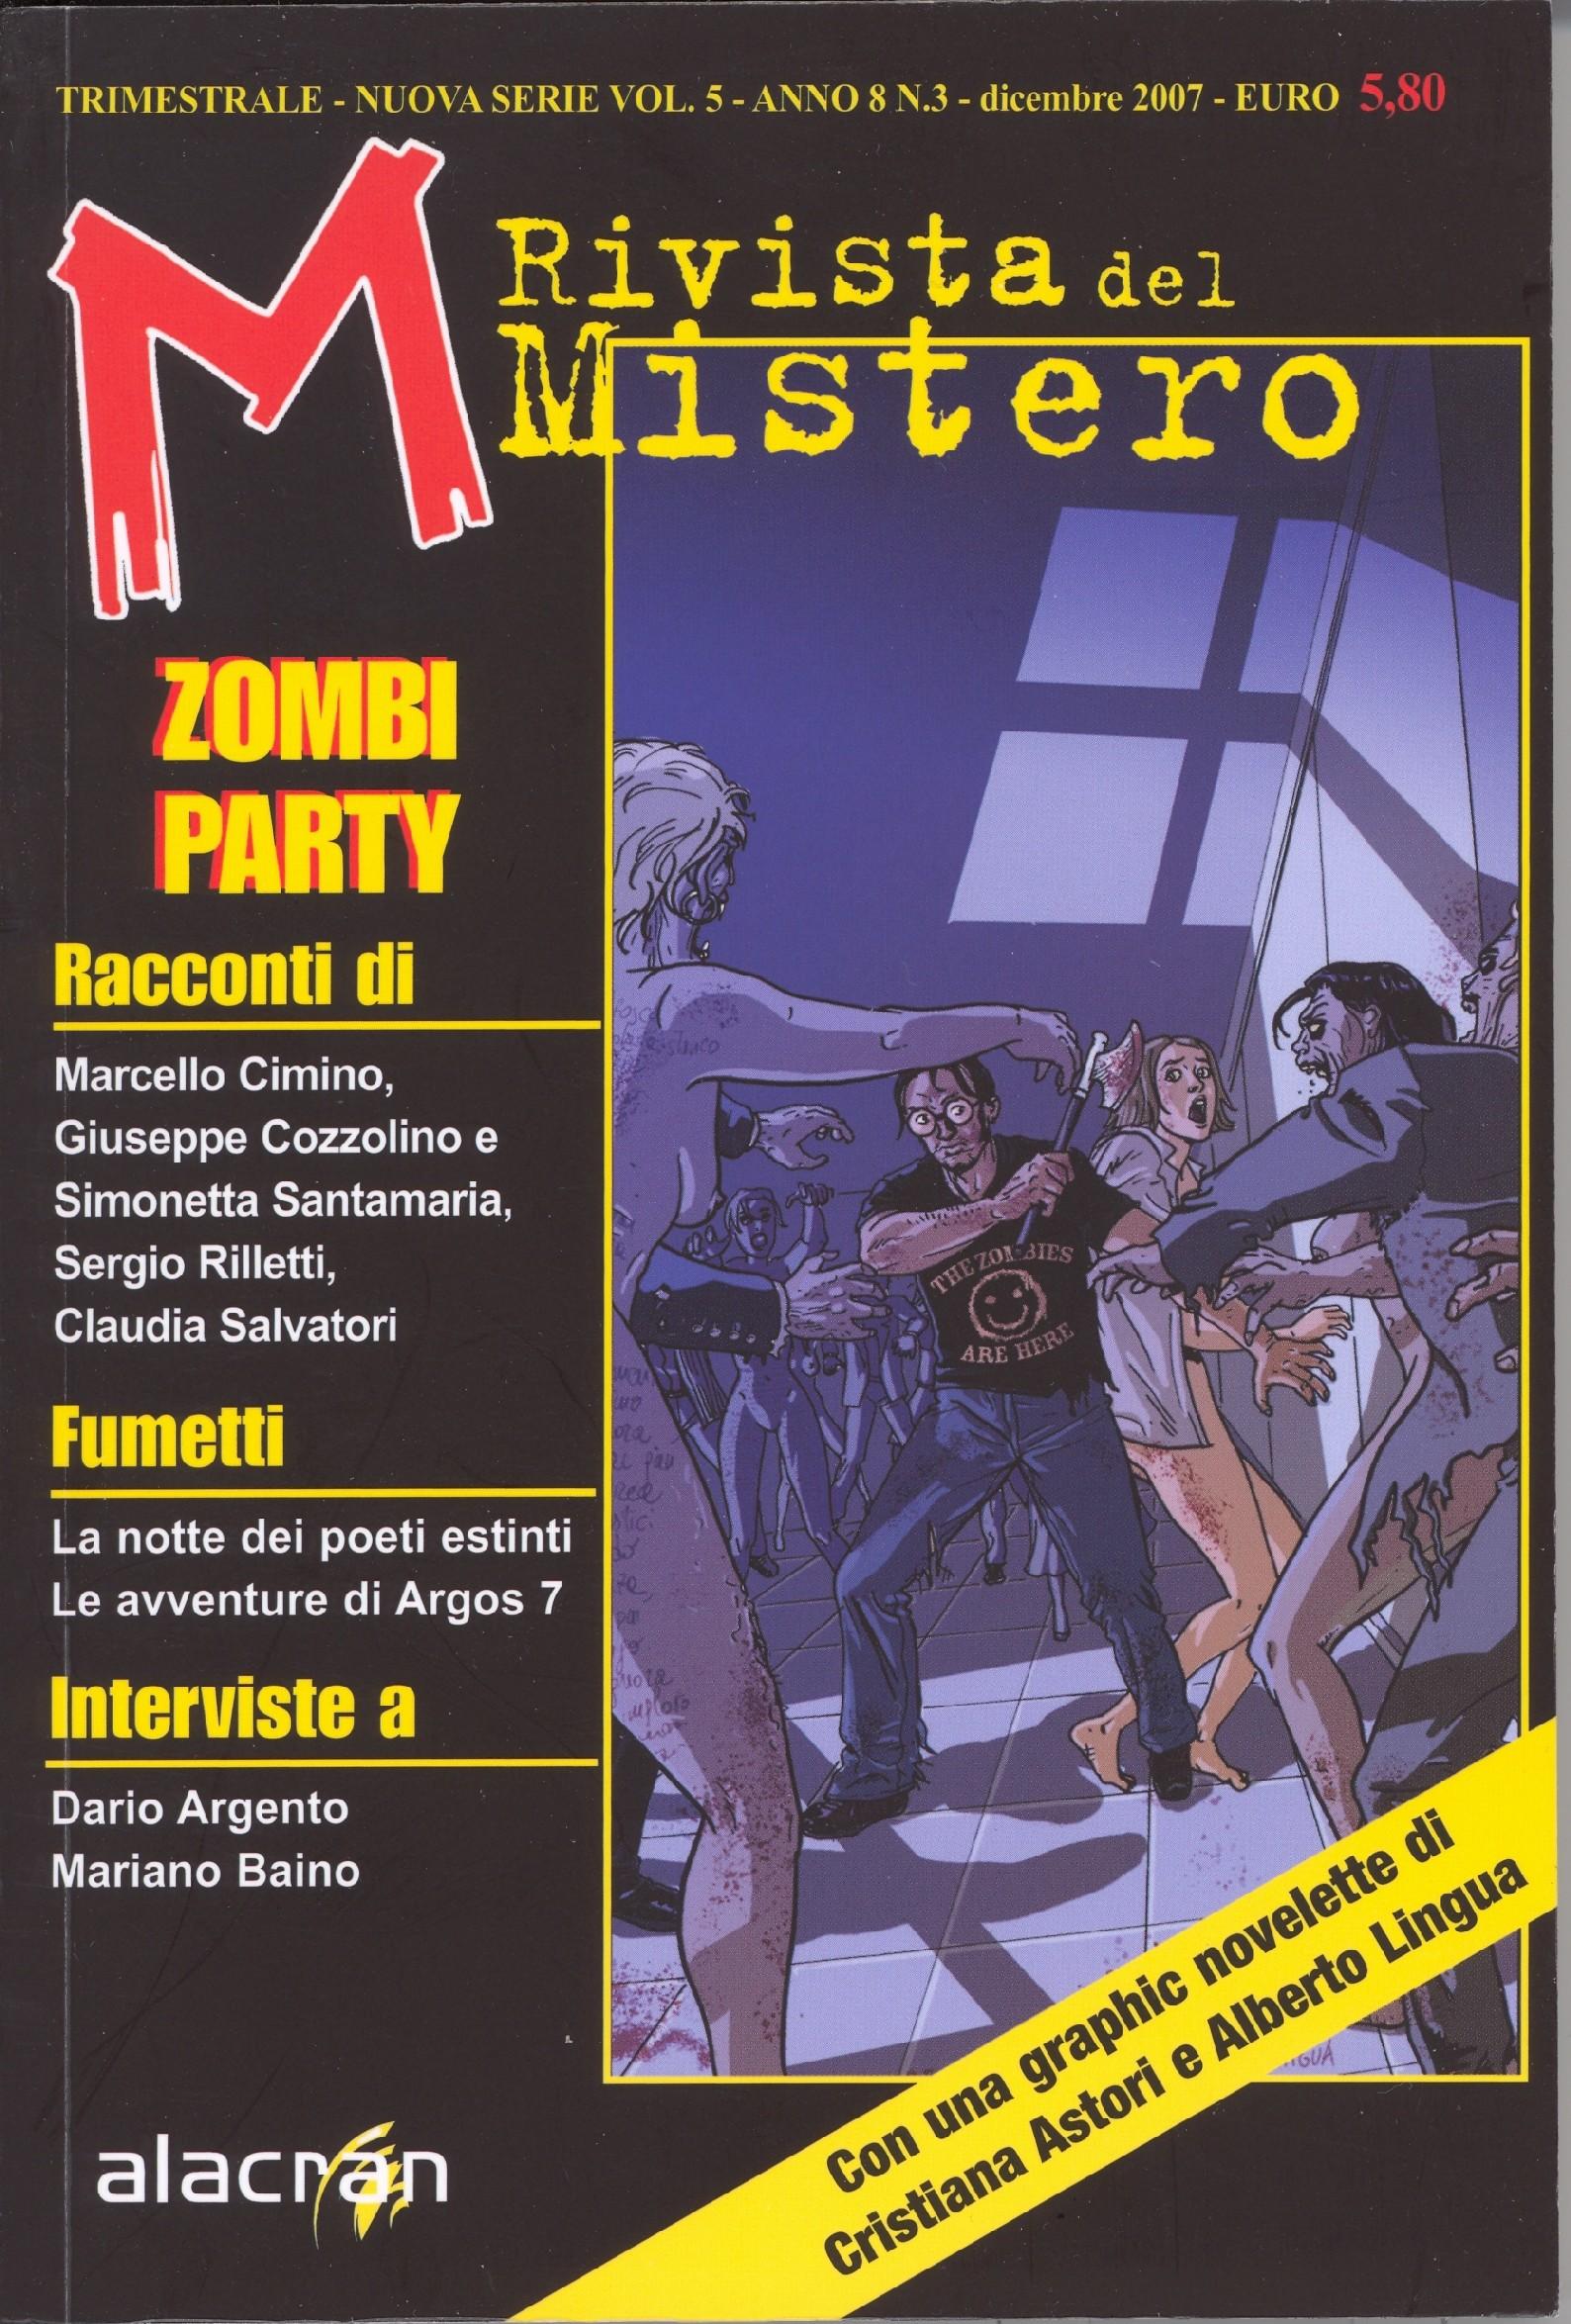 M - Rivista del Mistero Vol. 5